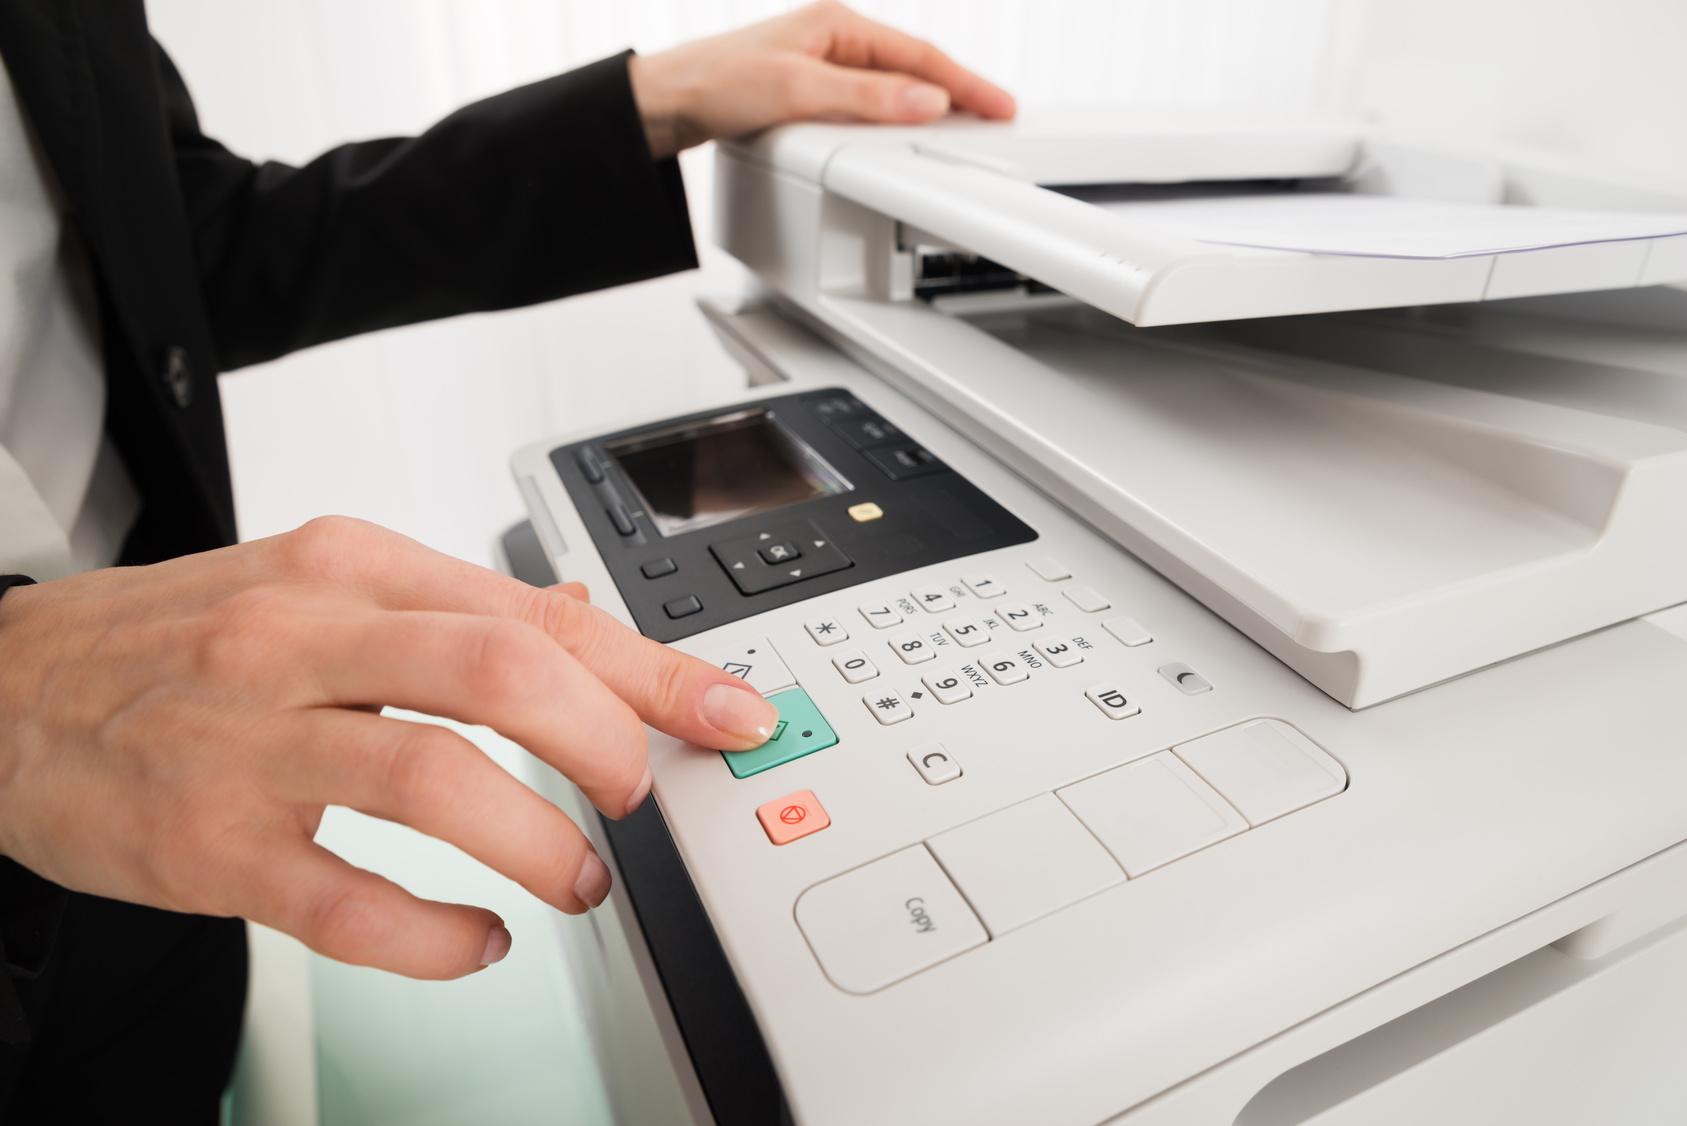 Businesswoman Hand Pressing Printer's Button